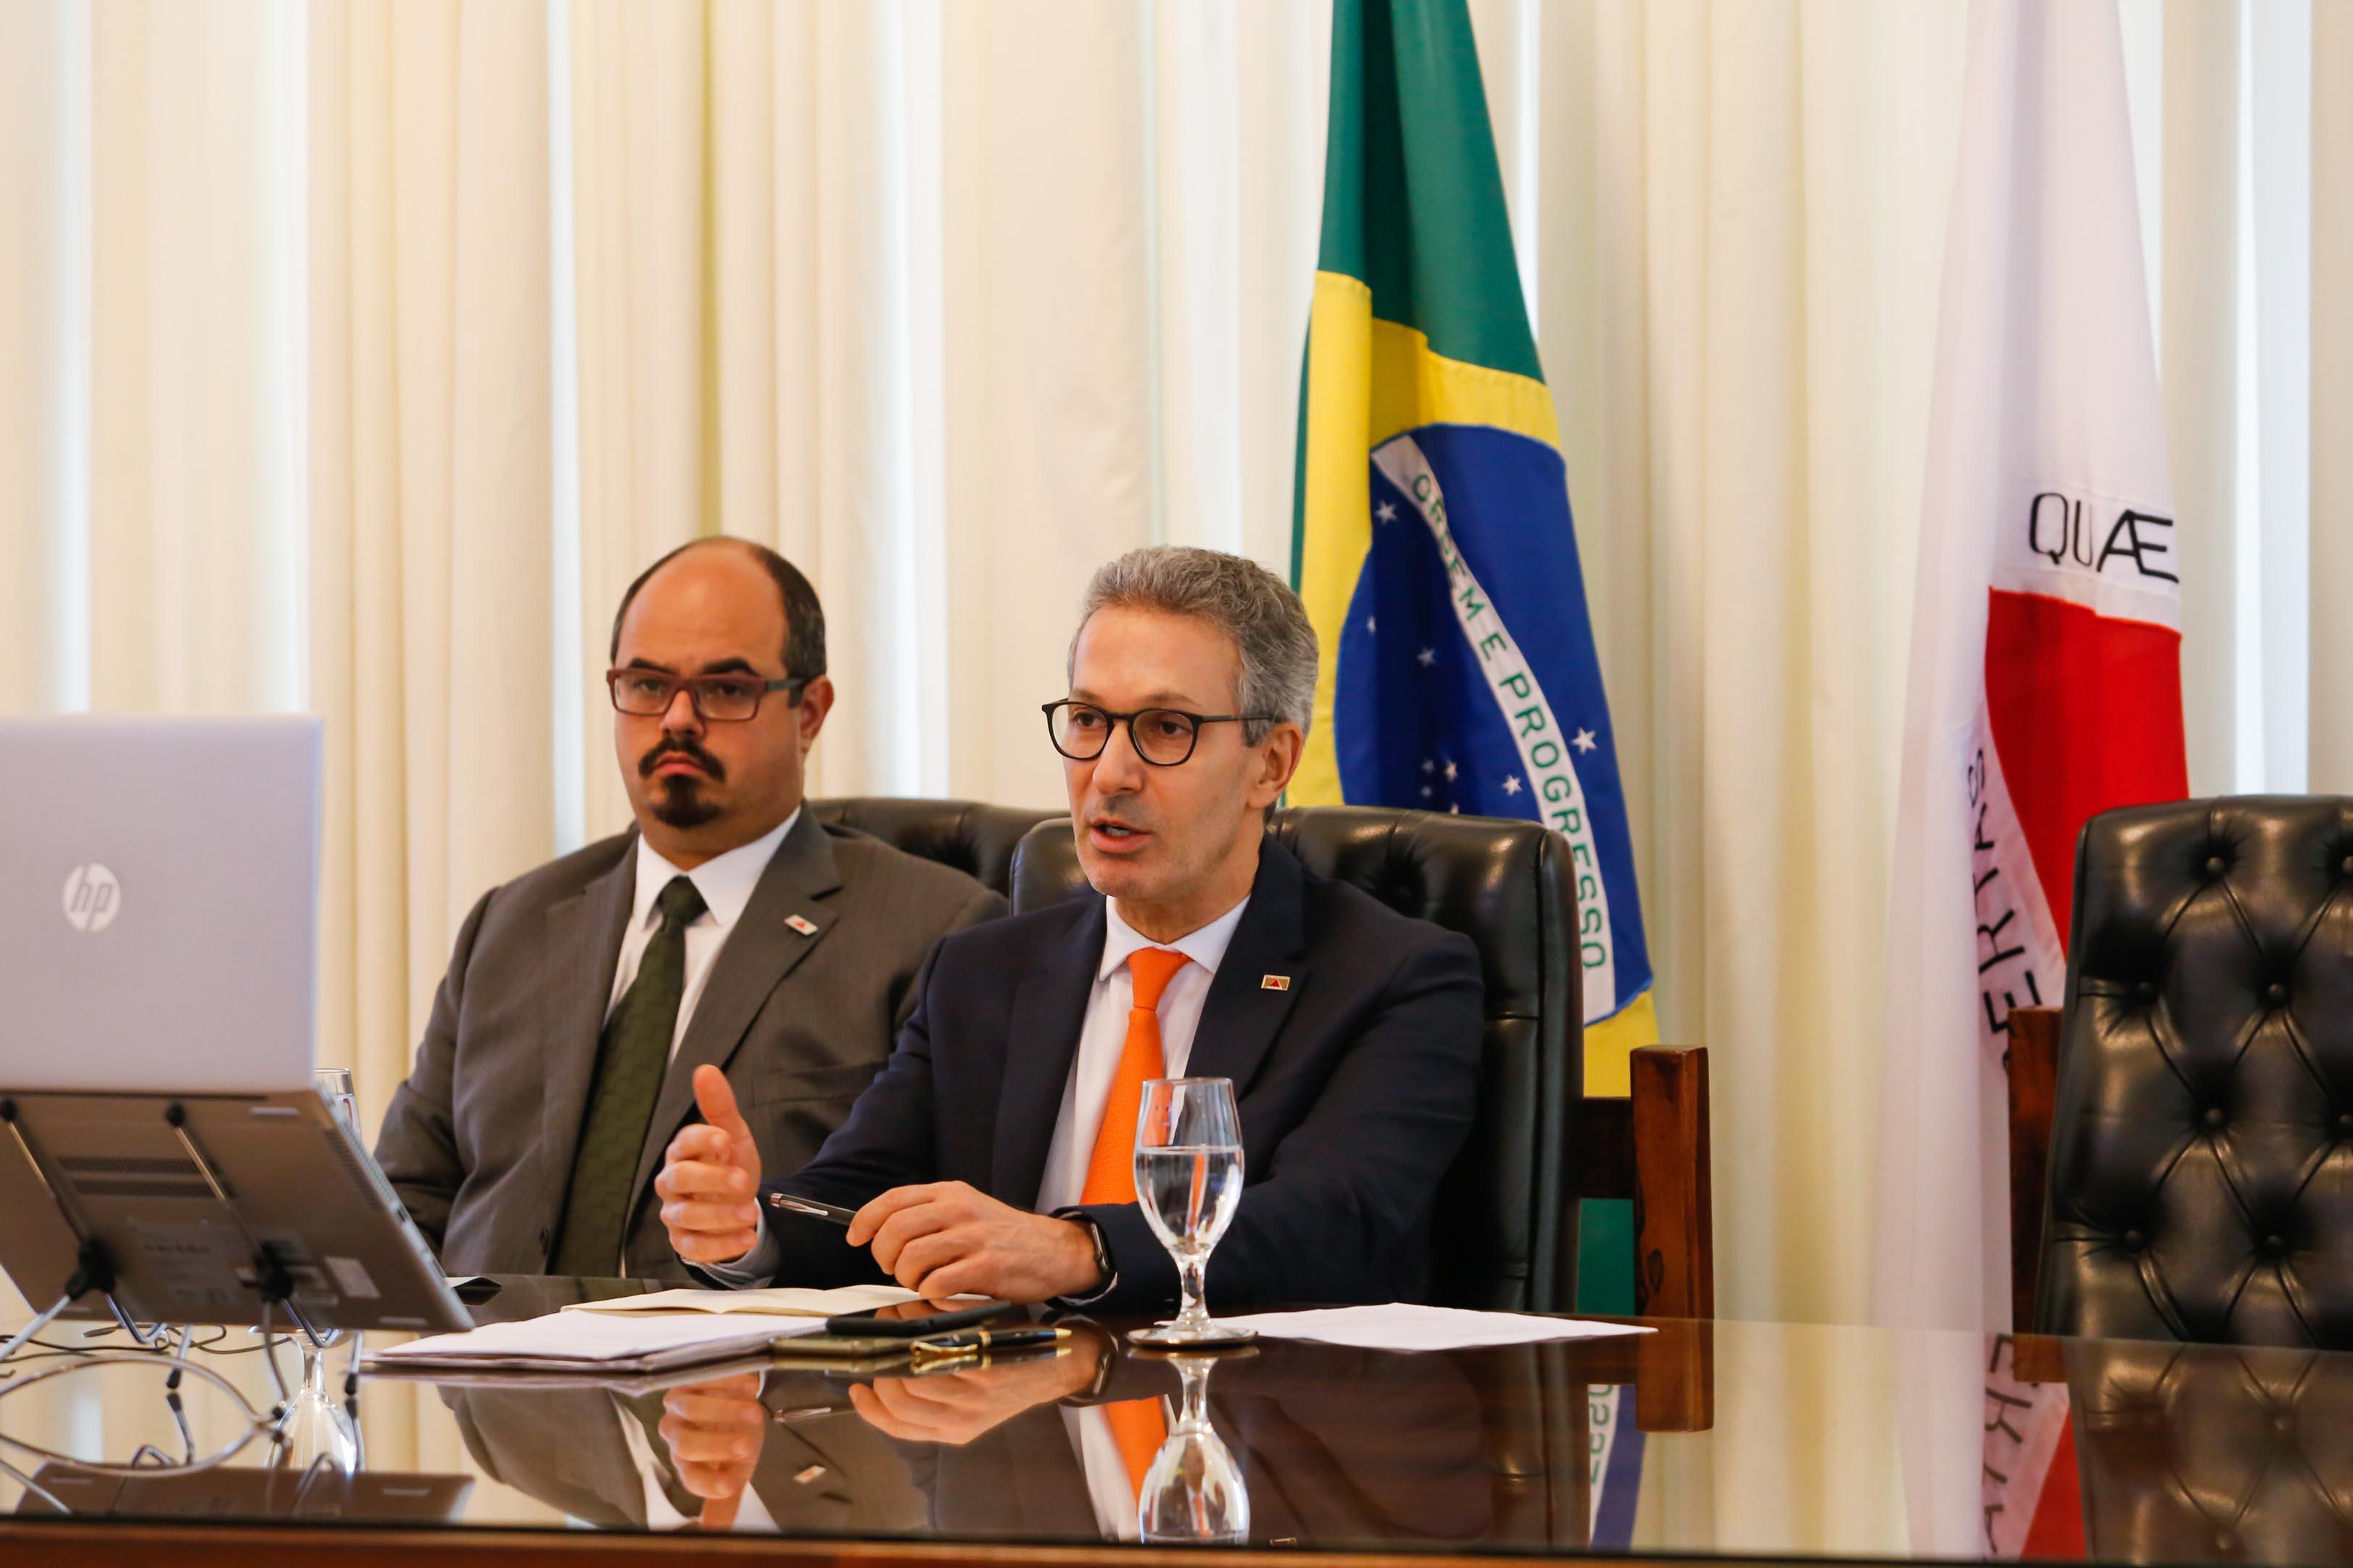 Governadores do Sul e Sudeste solicitam ações urgentes do governo federal para evitar colapso econômico nos estados